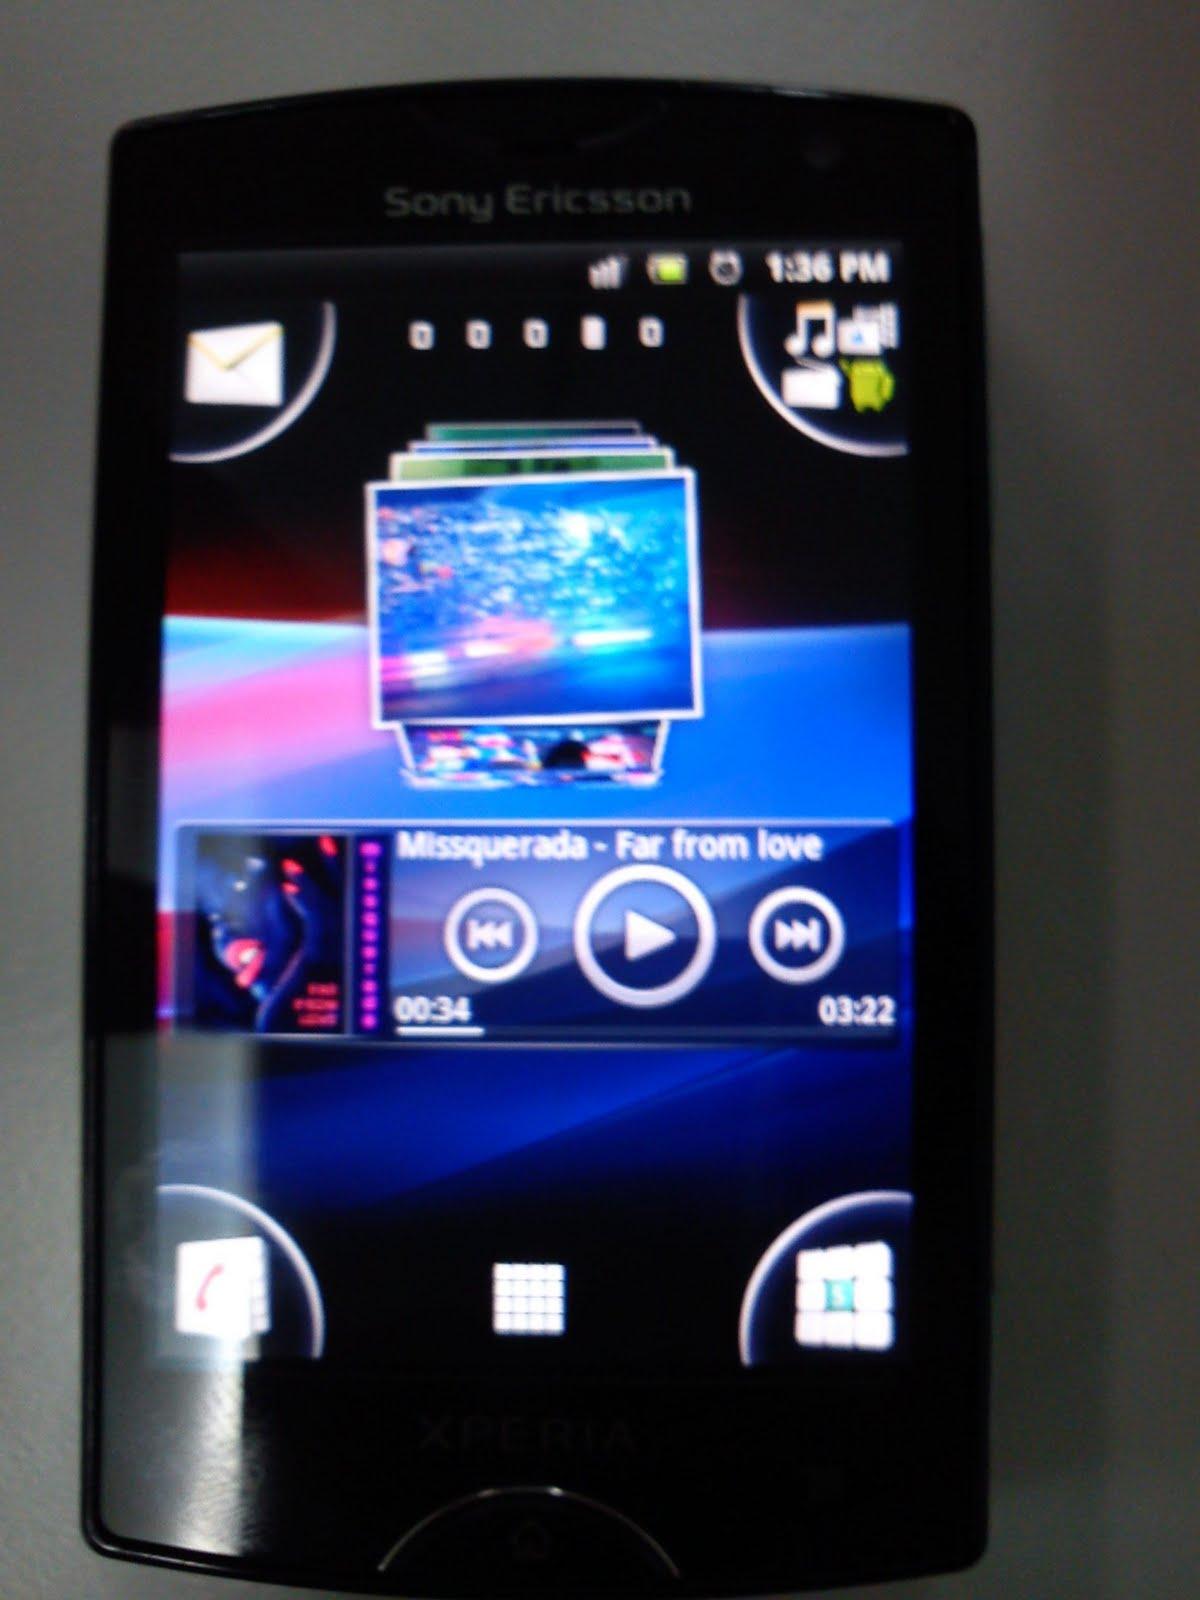 http://1.bp.blogspot.com/-Dv08YunKSIg/TlhqCj_8sSI/AAAAAAAACEQ/wizEx6WjWfU/s1600/Sony+Ericsson+Xperia+Mini+front.jpg